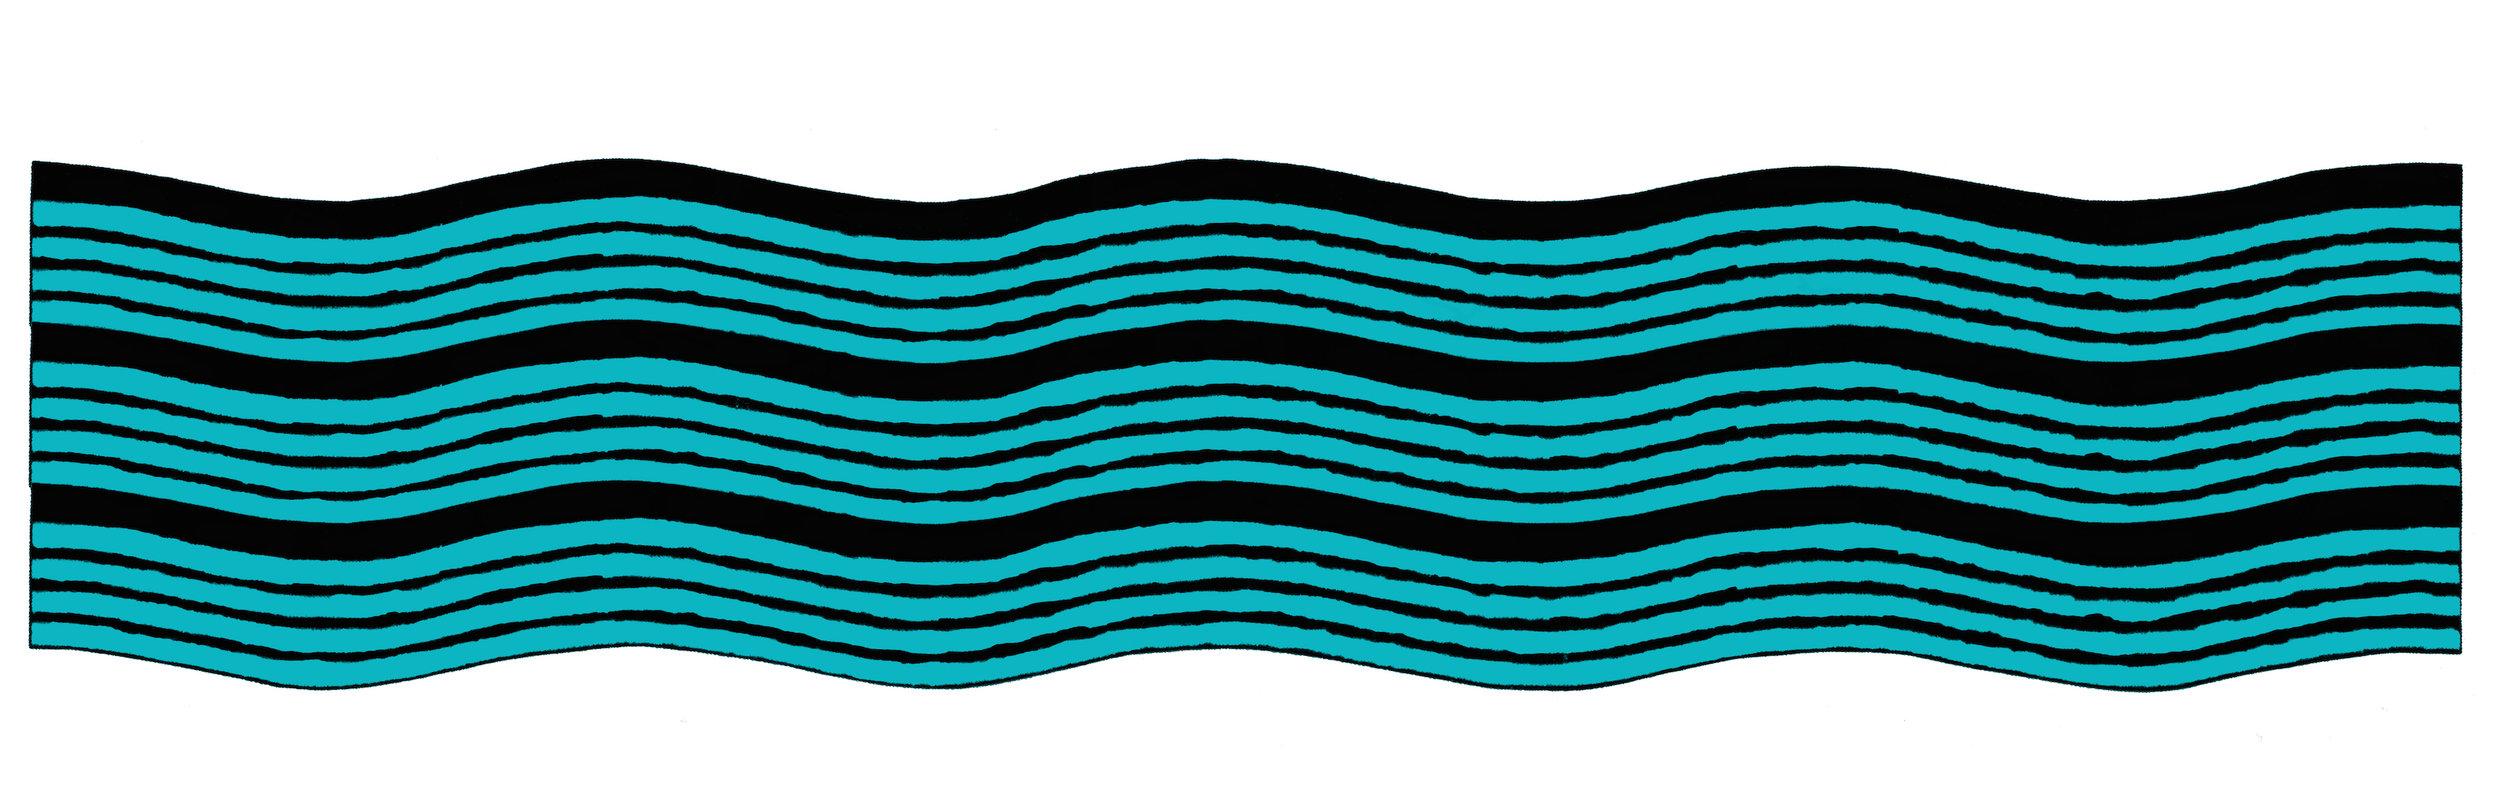 river waves.jpg